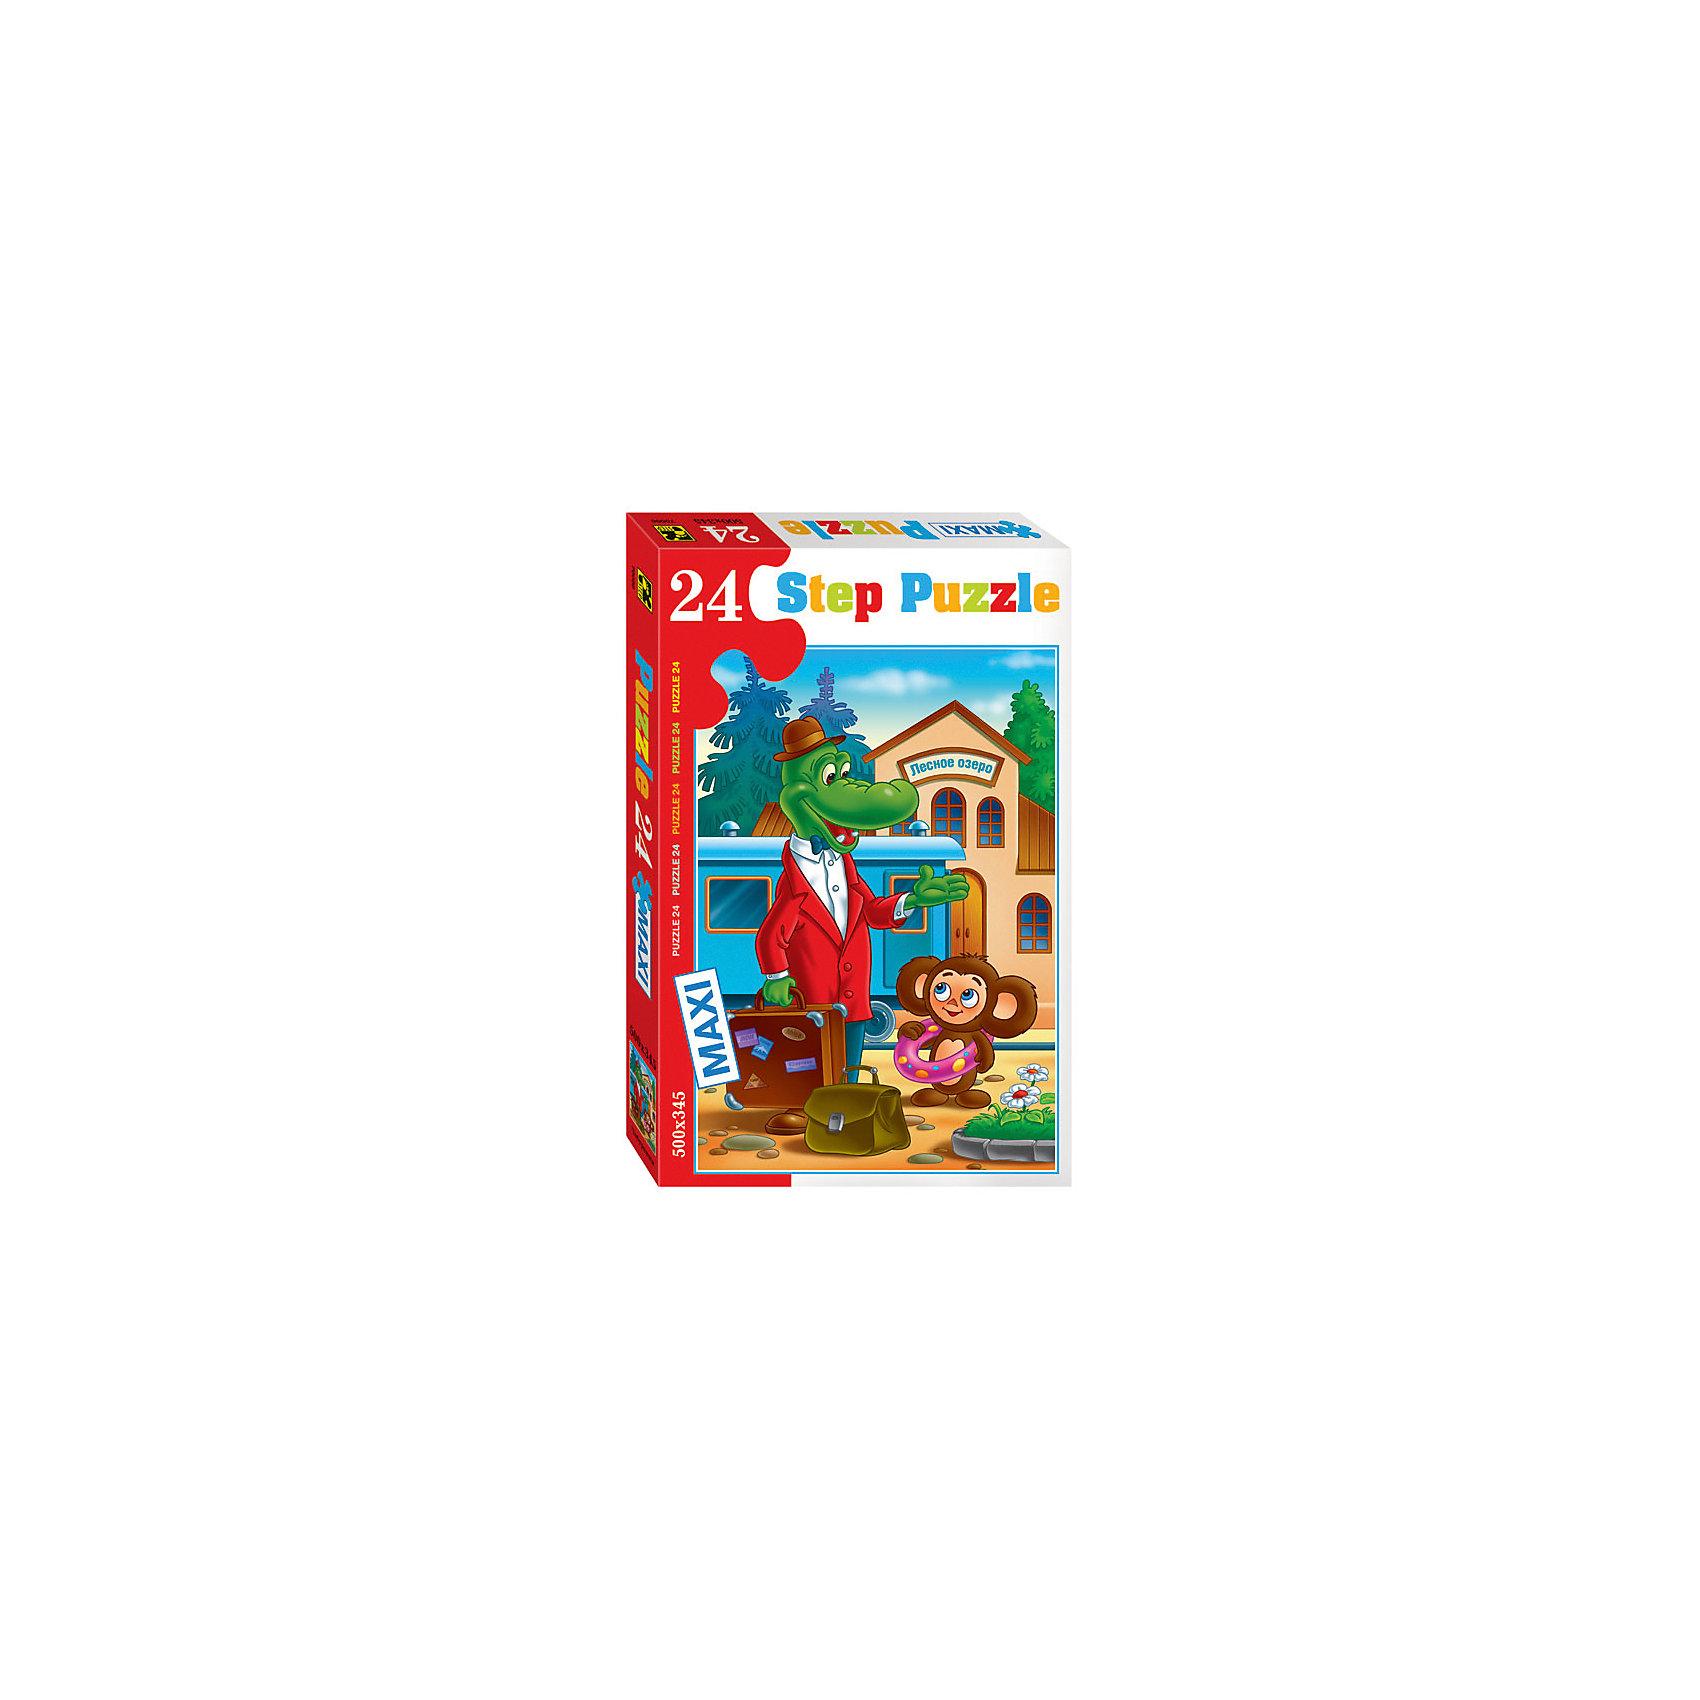 Пазл Чебурашка, 24 MAXI детали, Step PuzzleПазлы для малышей<br>Пазл Чебурашка, 24 MAXI детали, Step Puzzle (Степ Пазл) – это замечательный красочный пазл с изображением любимых героев.<br>Пазл «Чебурашка» создан по мотивам популярного советского мультфильма, посвященного 2 закадычным друзьям, придуманным писателем Эдуардом Успенским. Подарите ребенку чудесный пазл, и он будет увлеченно подбирать детали, пока не составит яркую и интересную картинку, на которой Крокодил Гена и Чебурашка приехали в голубом вагоне на станцию «Лесное озеро», чтобы отдохнуть и искупаться. Большие детали позволяют самостоятельно собирать картинку даже маленьким детям. Сборка пазла Чебурашка от Step Puzzle (Степ Пазл) подарит Вашему ребенку множество увлекательных вечеров и принесет пользу для развития. Координация, моторика, внимательность легко тренируются, пока ребенок увлеченно собирает пазл. Детали пазла хорошо проклеены, идеально сцепляются друг с другом, не расслаиваются.<br><br>Дополнительная информация:<br><br>- Количество деталей: 24 MAXI<br>- Размер собранной картинки: 50х34,5 см.<br>- Материал: высококачественный картон<br>- Упаковка: картонная коробка<br>- Размер упаковки: 24,5x38x4 см.<br>- Вес: 688 гр.<br><br>Пазл Чебурашка, 24 MAXI детали, Step Puzzle (Степ Пазл) можно купить в нашем интернет-магазине.<br><br>Ширина мм: 375<br>Глубина мм: 245<br>Высота мм: 40<br>Вес г: 658<br>Возраст от месяцев: 36<br>Возраст до месяцев: 96<br>Пол: Унисекс<br>Возраст: Детский<br>Количество деталей: 24<br>SKU: 4769308